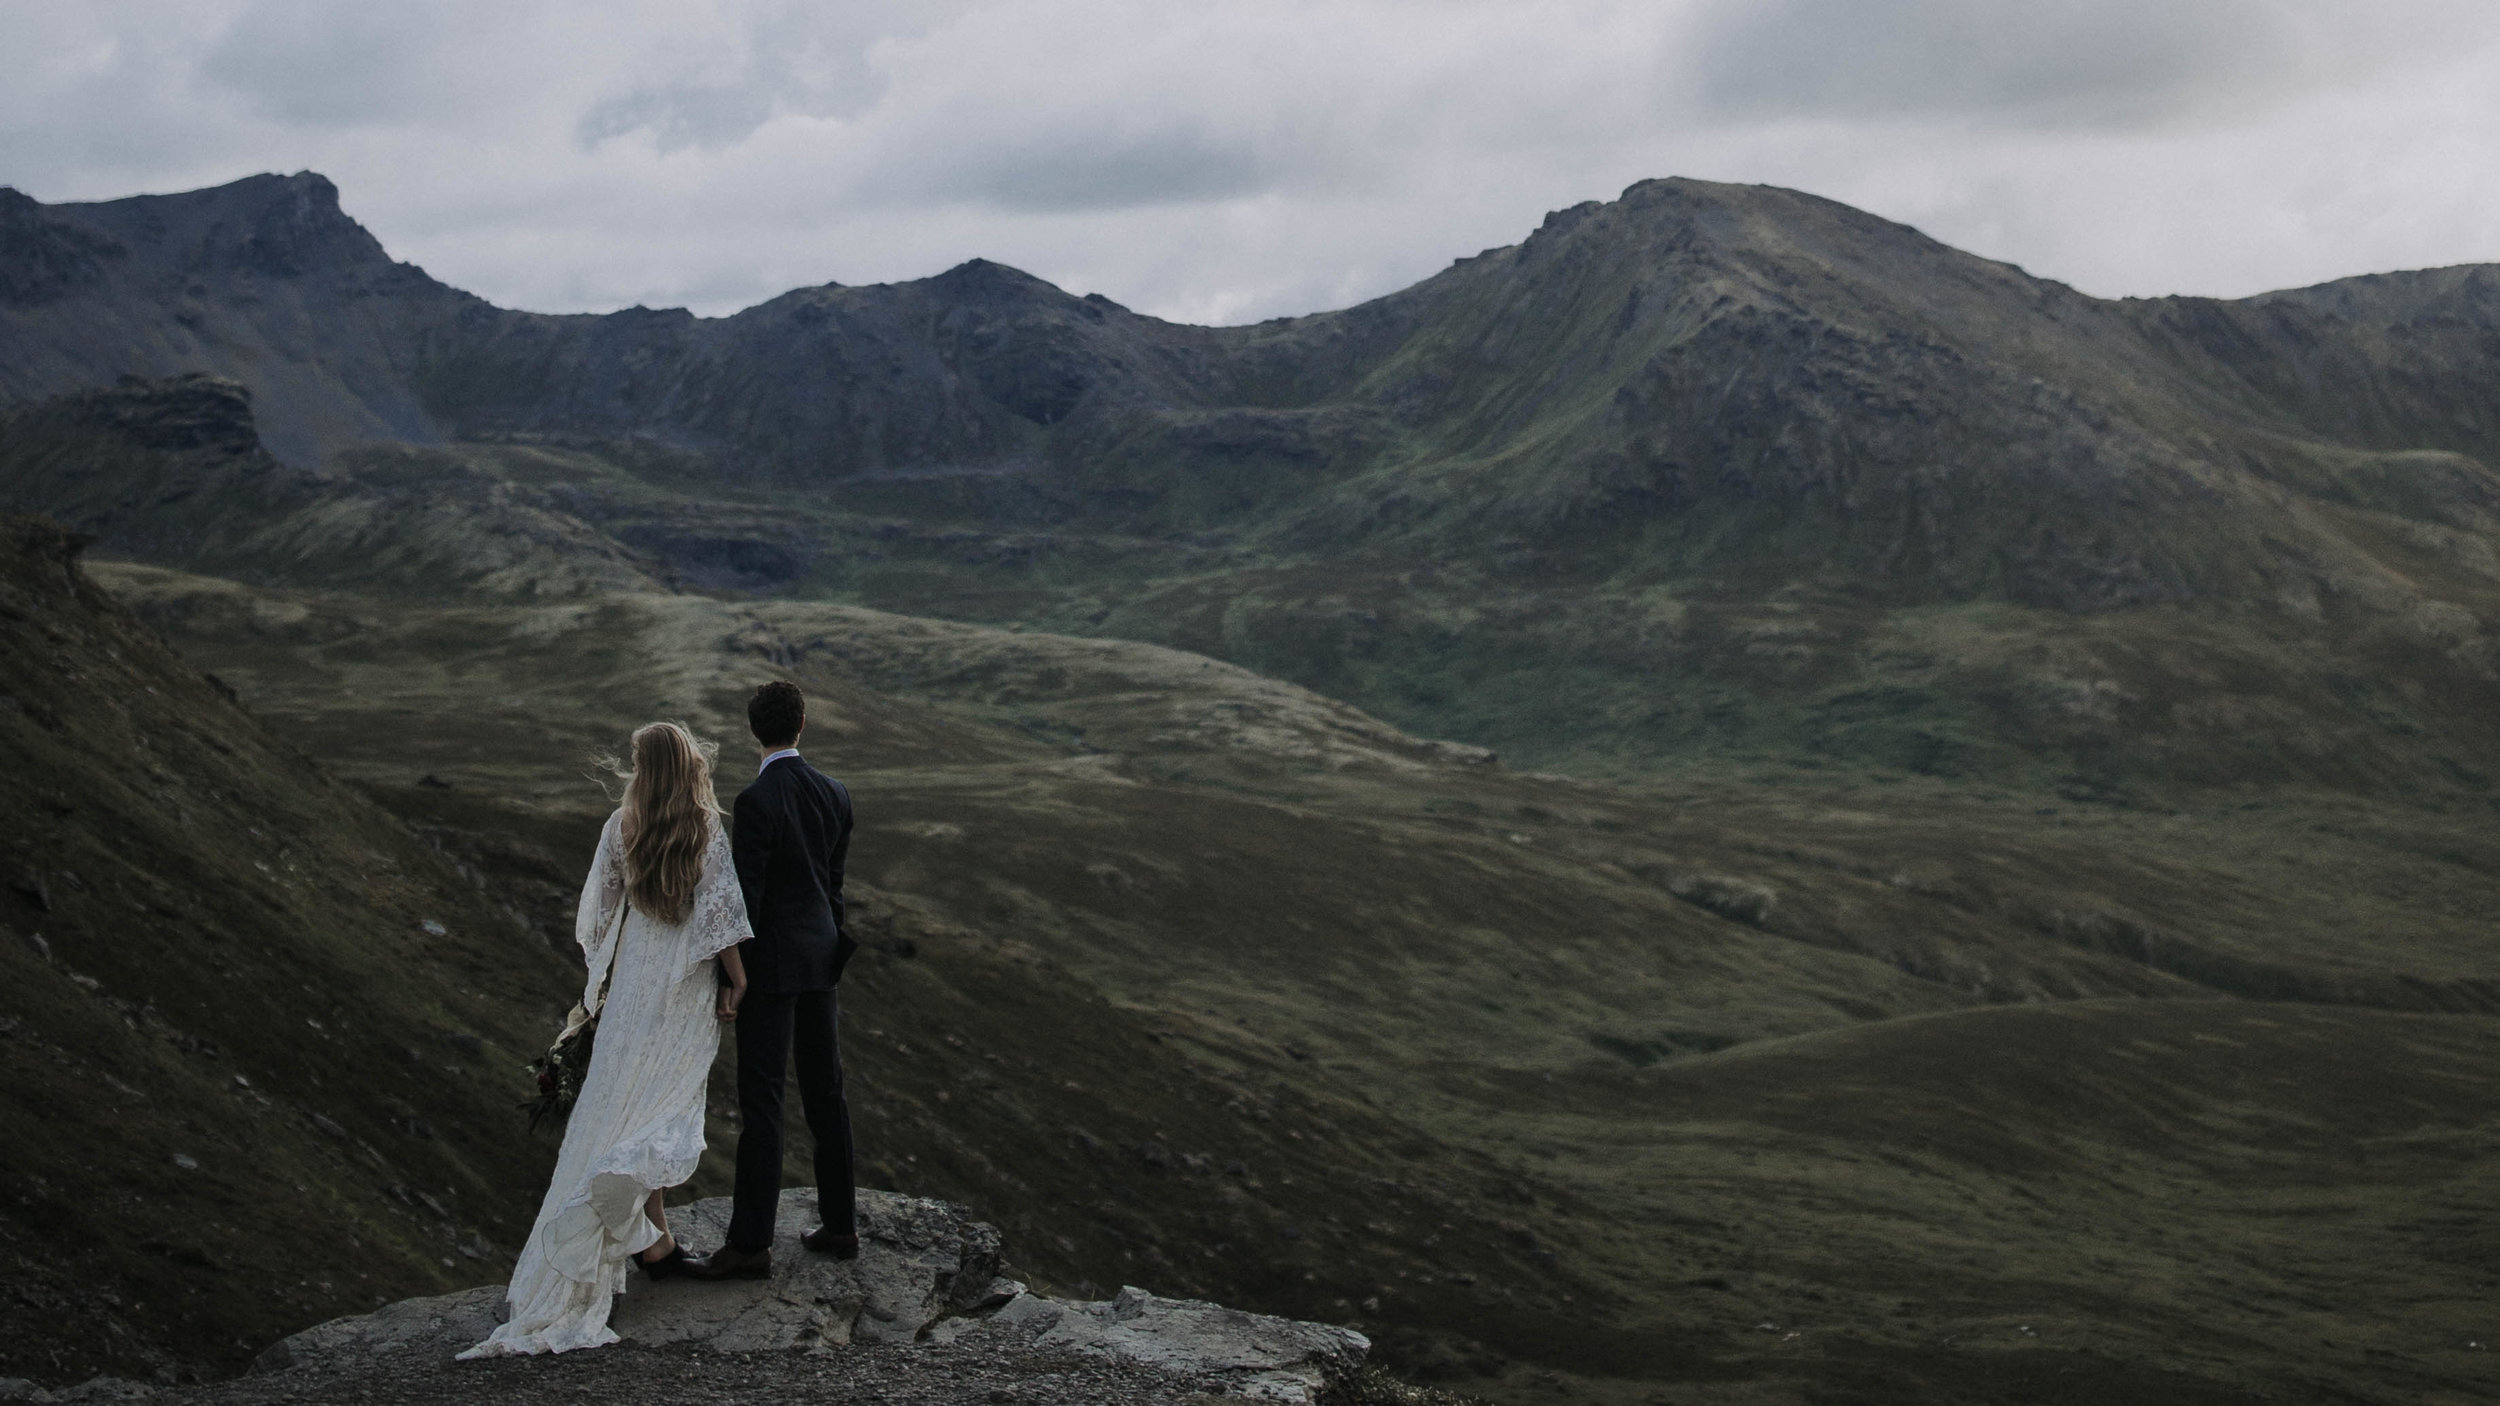 ariel-lynn-alaska-elopement-mountain-inspiration-26.jpg